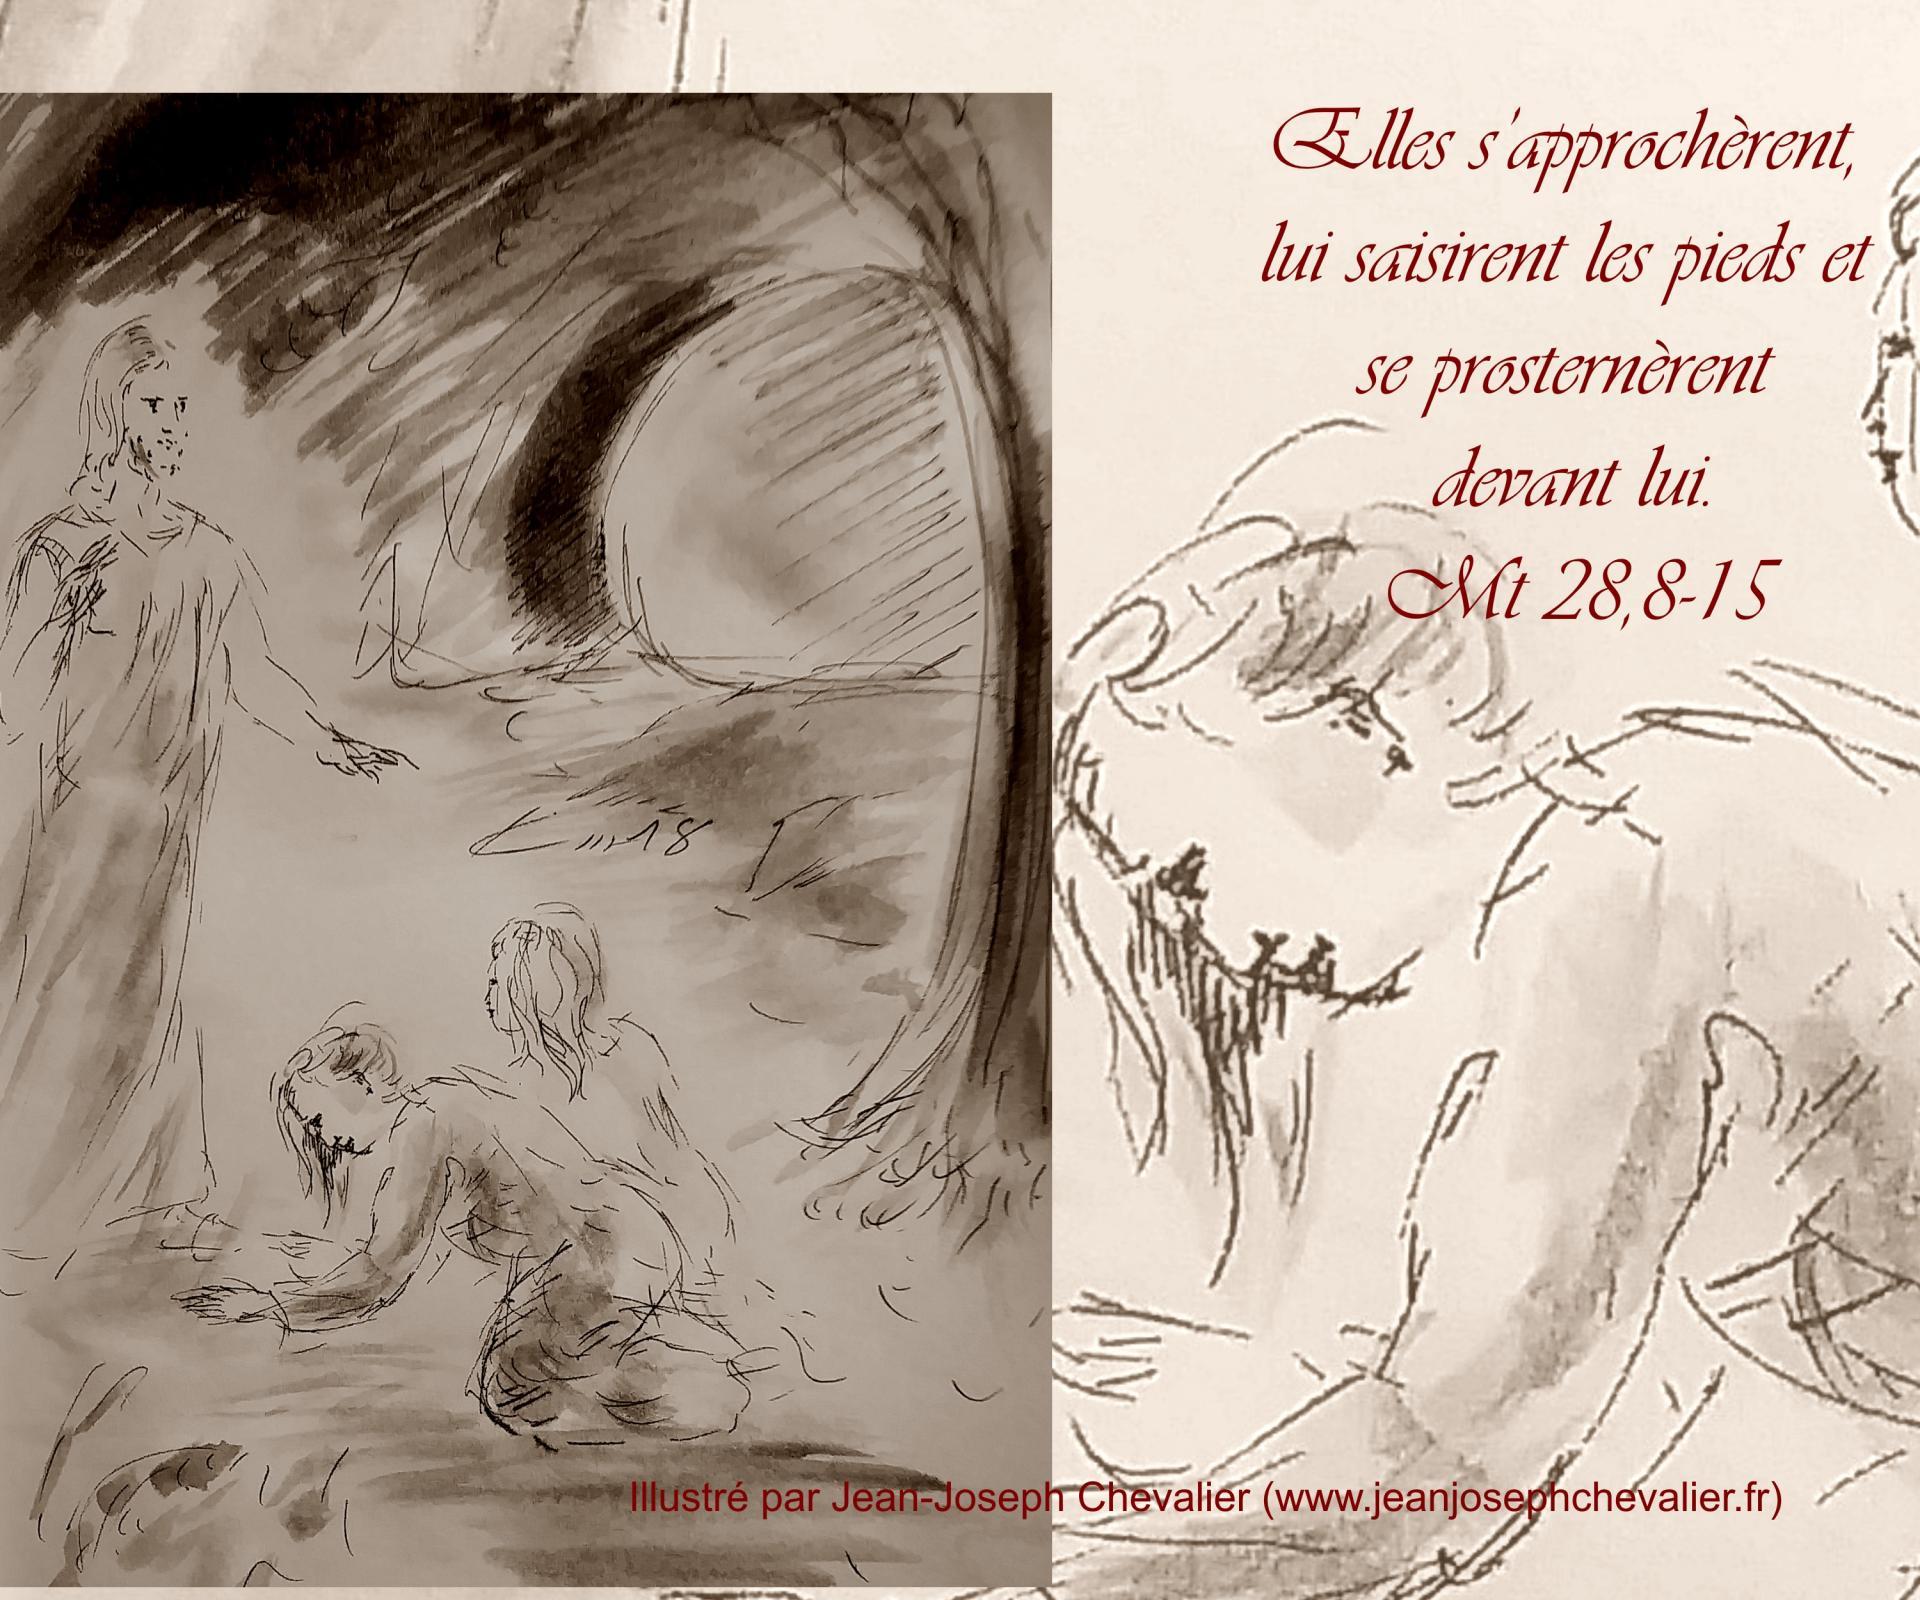 2 avril 2018 evangile du jour illustre par un dessin au lavis de jean joseph chevalier image